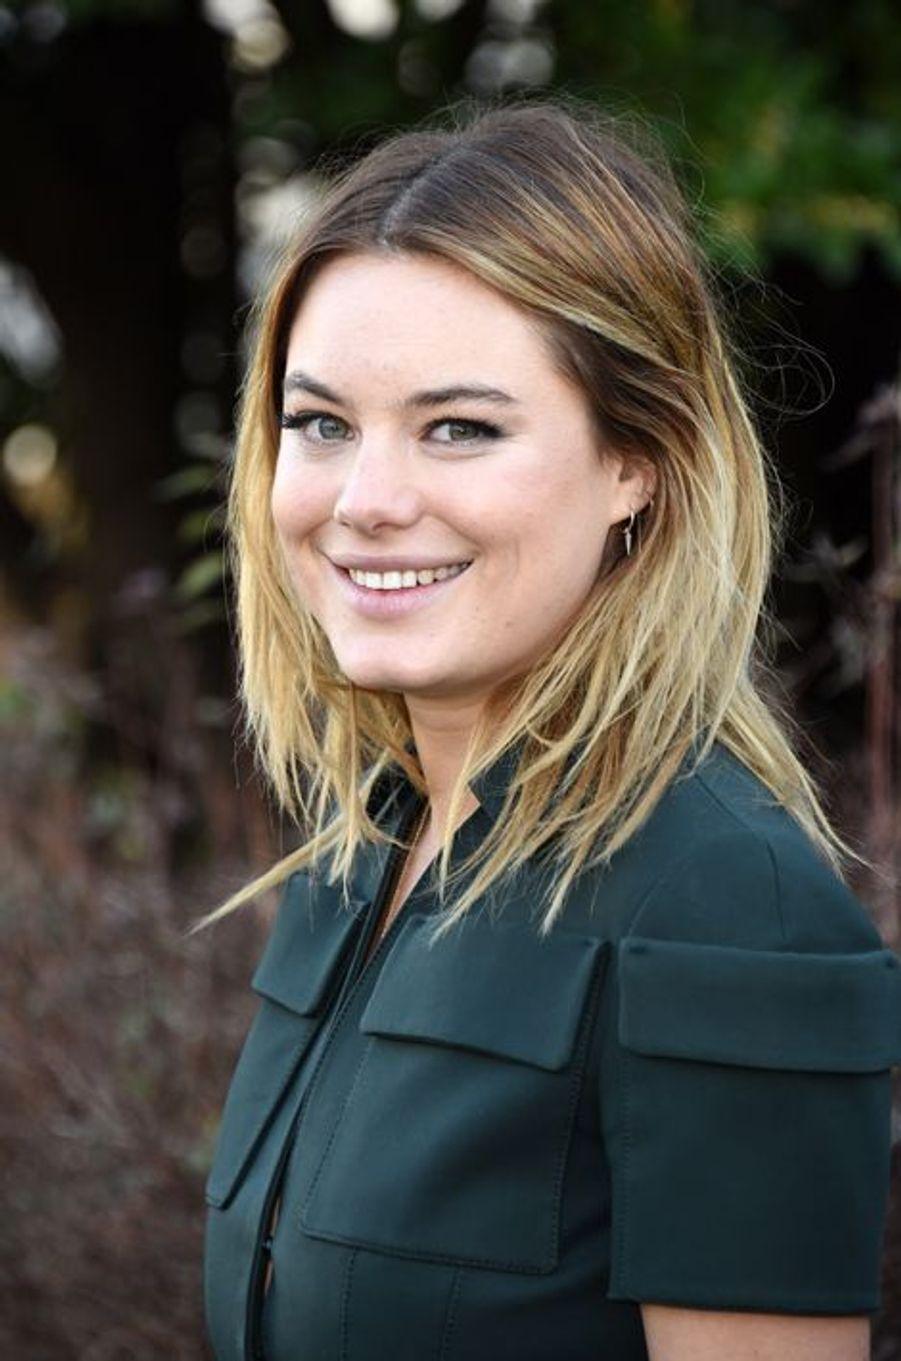 Camille Rowe-Pourcheresse au défilé Christian Dior